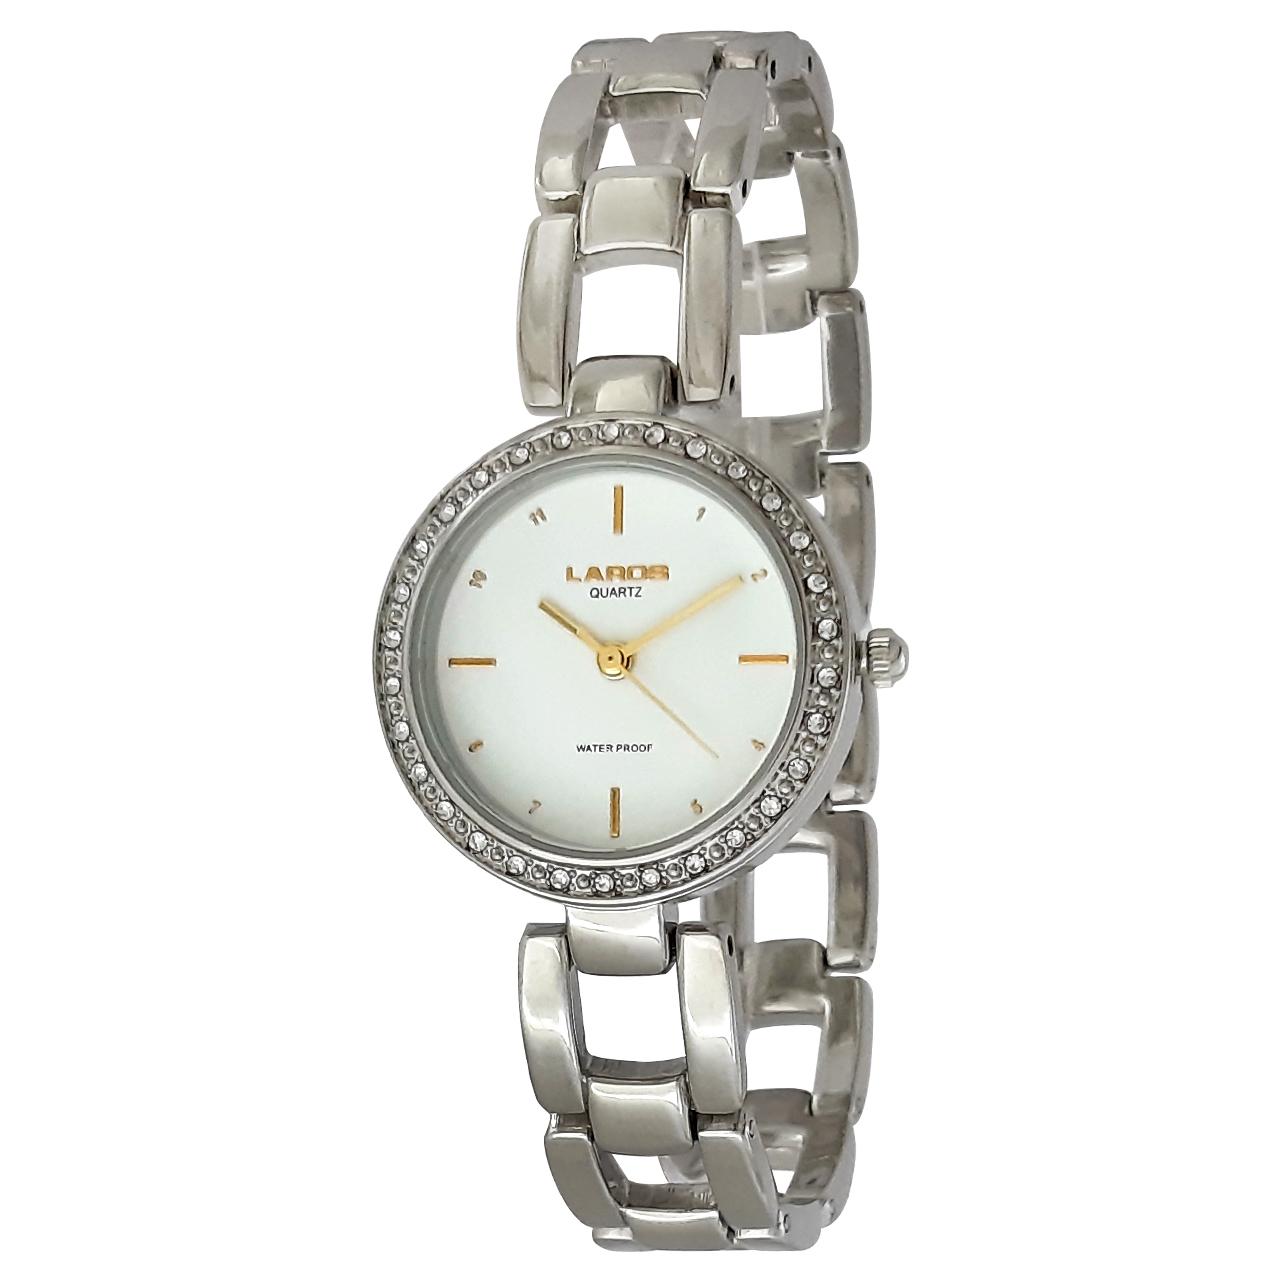 ساعت مچی عقربه ای زنانه لاروس مدل 1117-80138 به همراه دستمال مخصوص برند کلین واچ 8